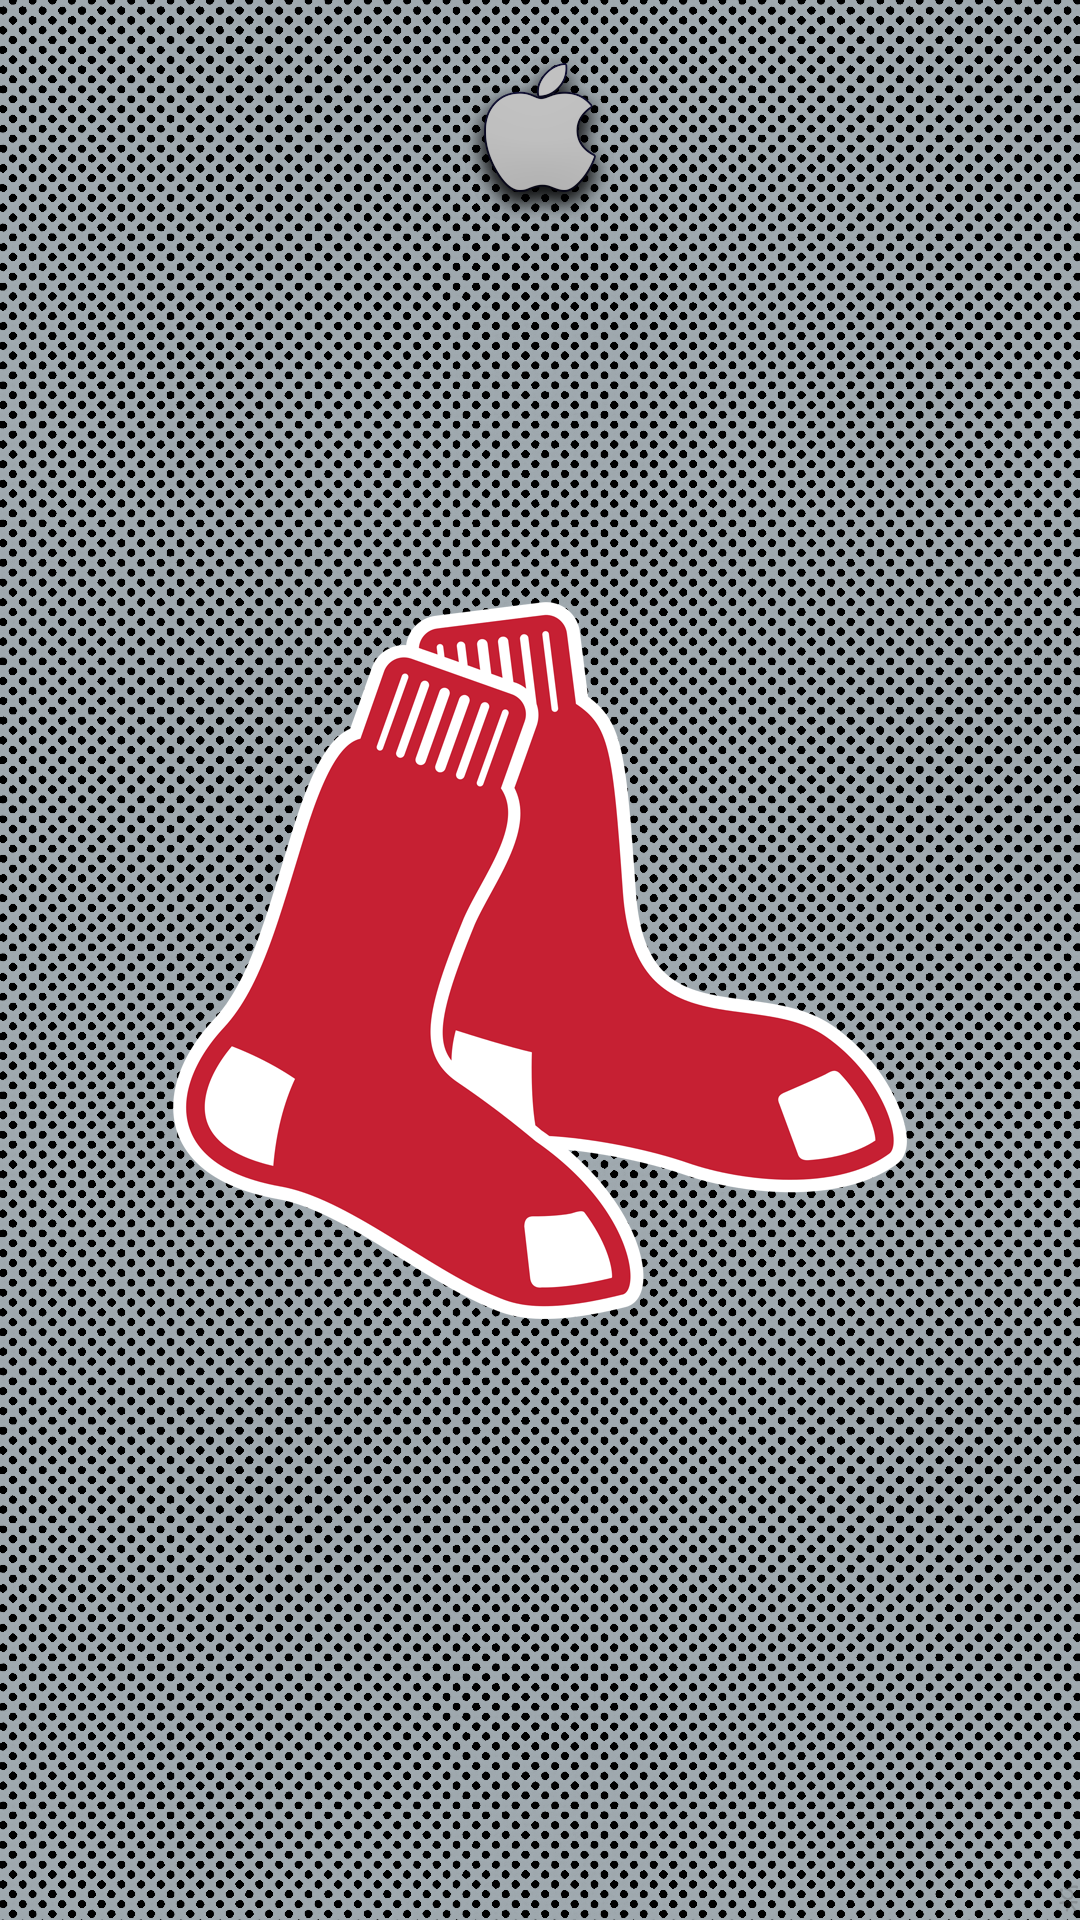 Red Sox Iphone Wallpaper 22 Png 1 080 1 920 Pixels Red Sox Iphone Wallpaper Red Sox Wallpaper Boston Red Sox Wallpaper